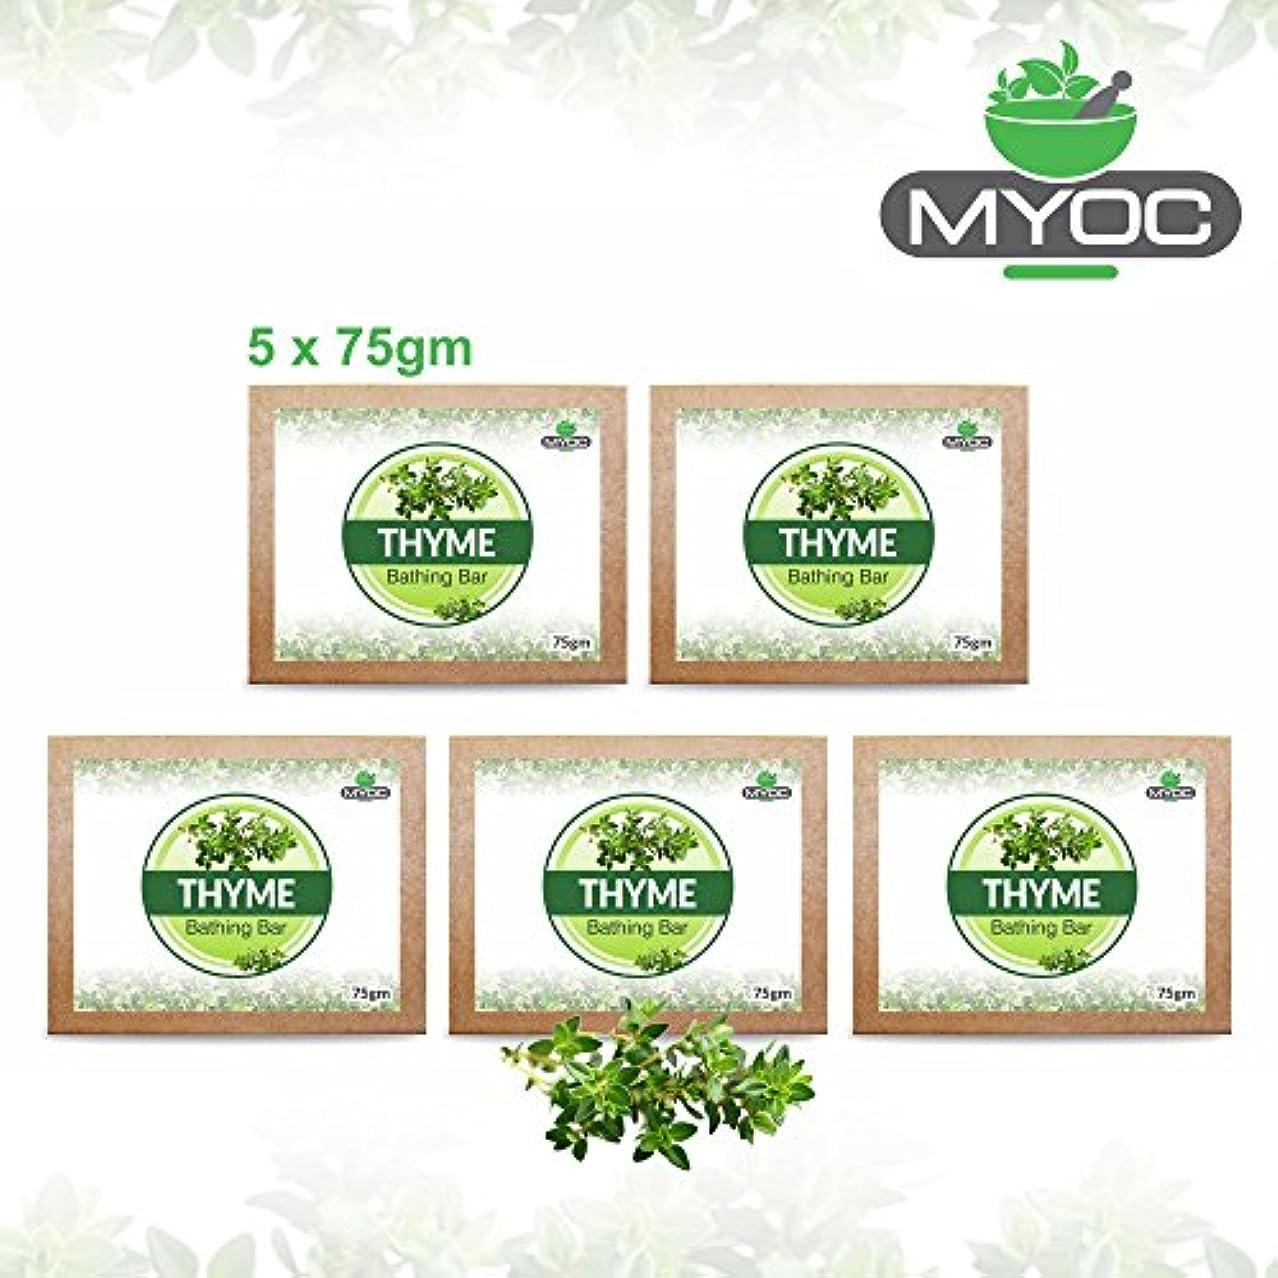 セクションブランド薬局Thyme Oil And Vitamin E Soap For bad odour, acne free and athletes foot 75g x 5 Pack